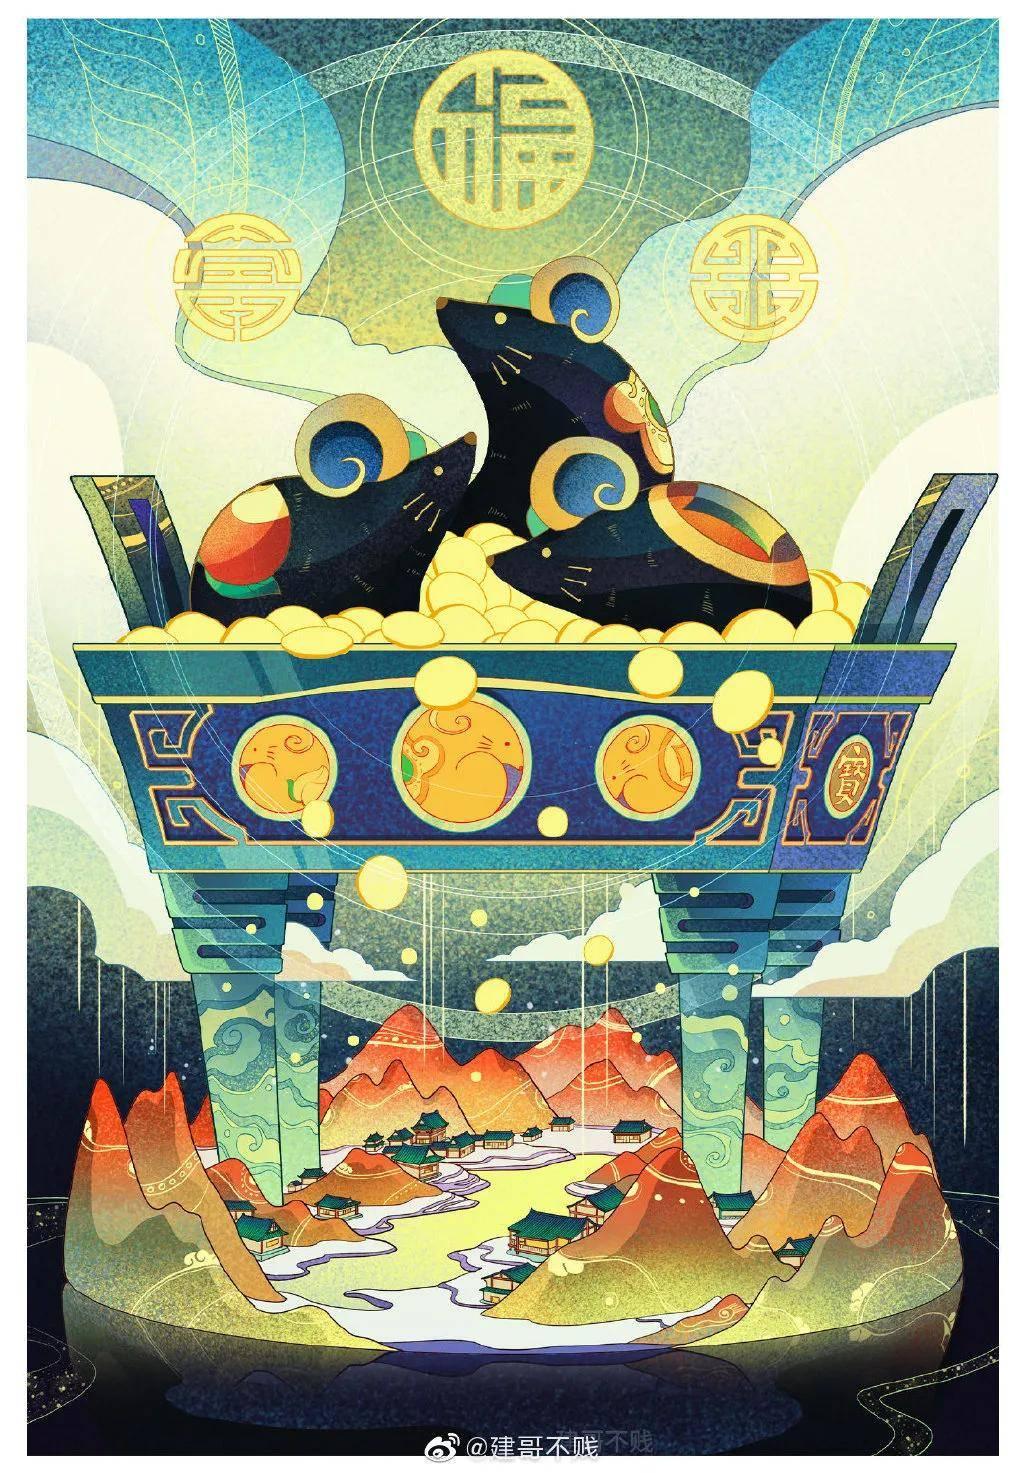 超级漂亮的中国十二生肖插图